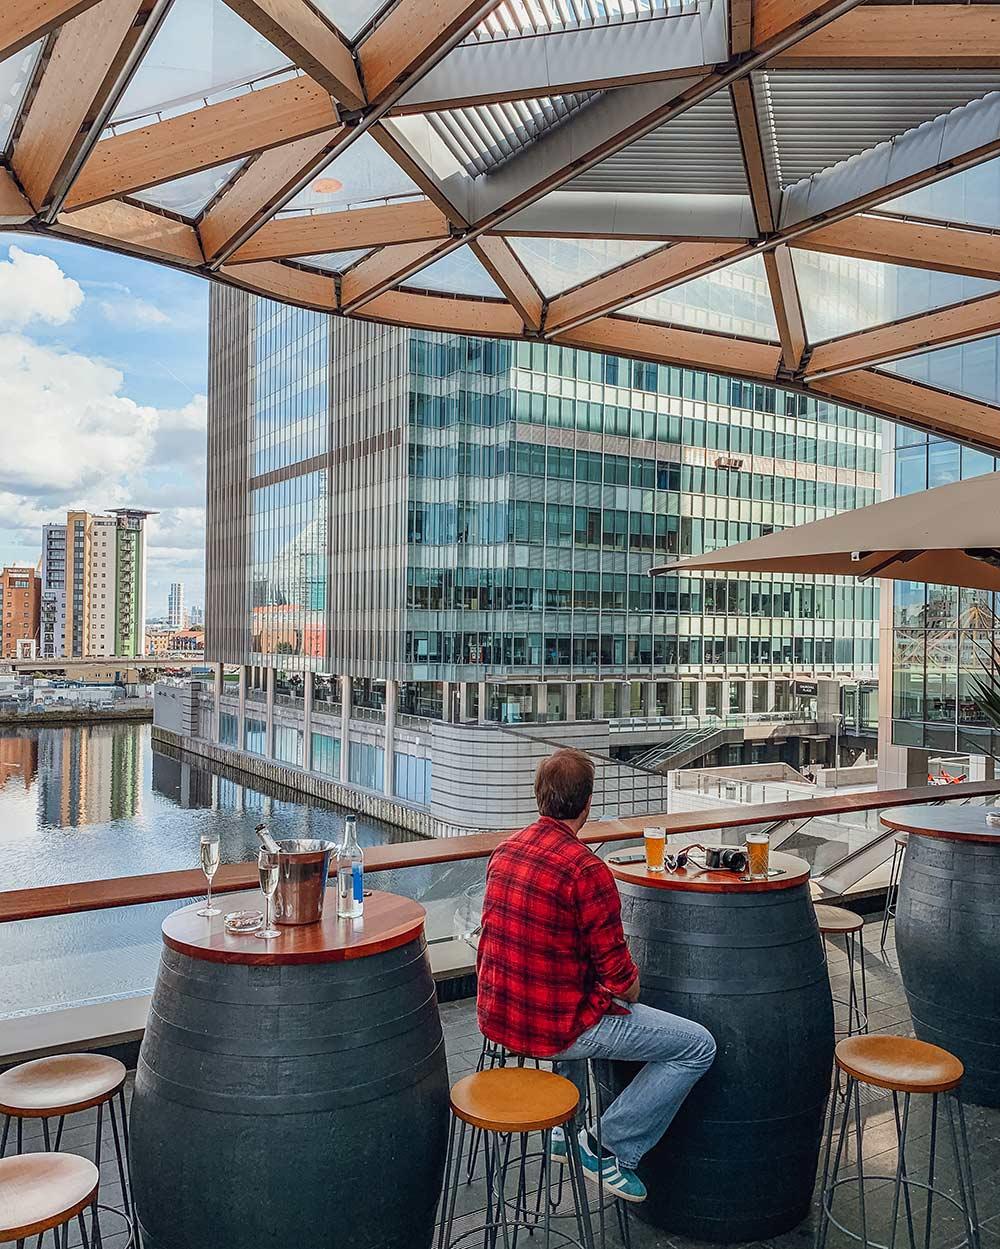 Pergola on the Wharf, Canary Wharf